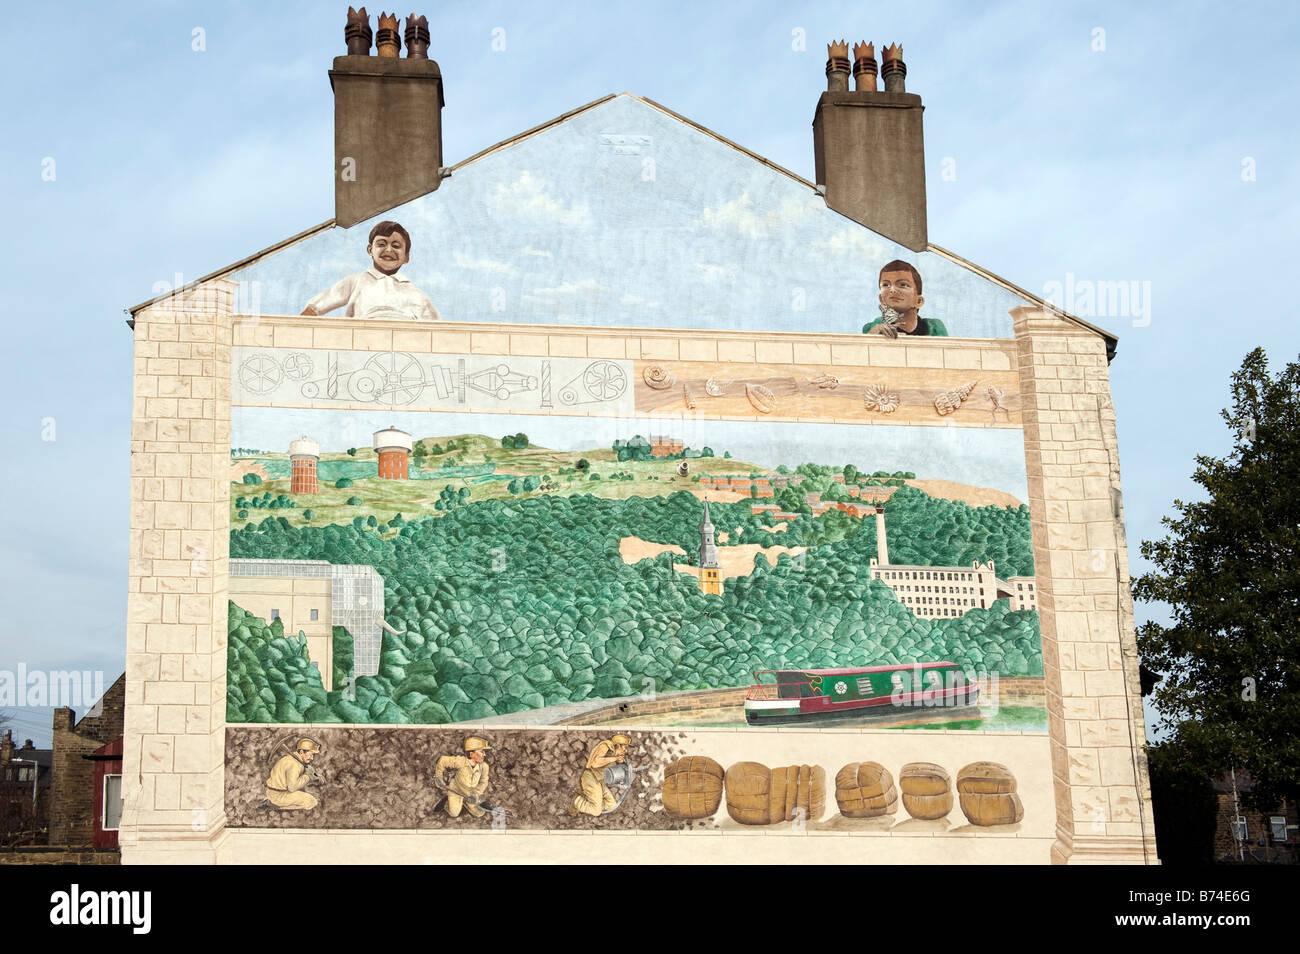 Peinture murale représentant l'industrie de la laine et de l'exploitation minière Photo Stock